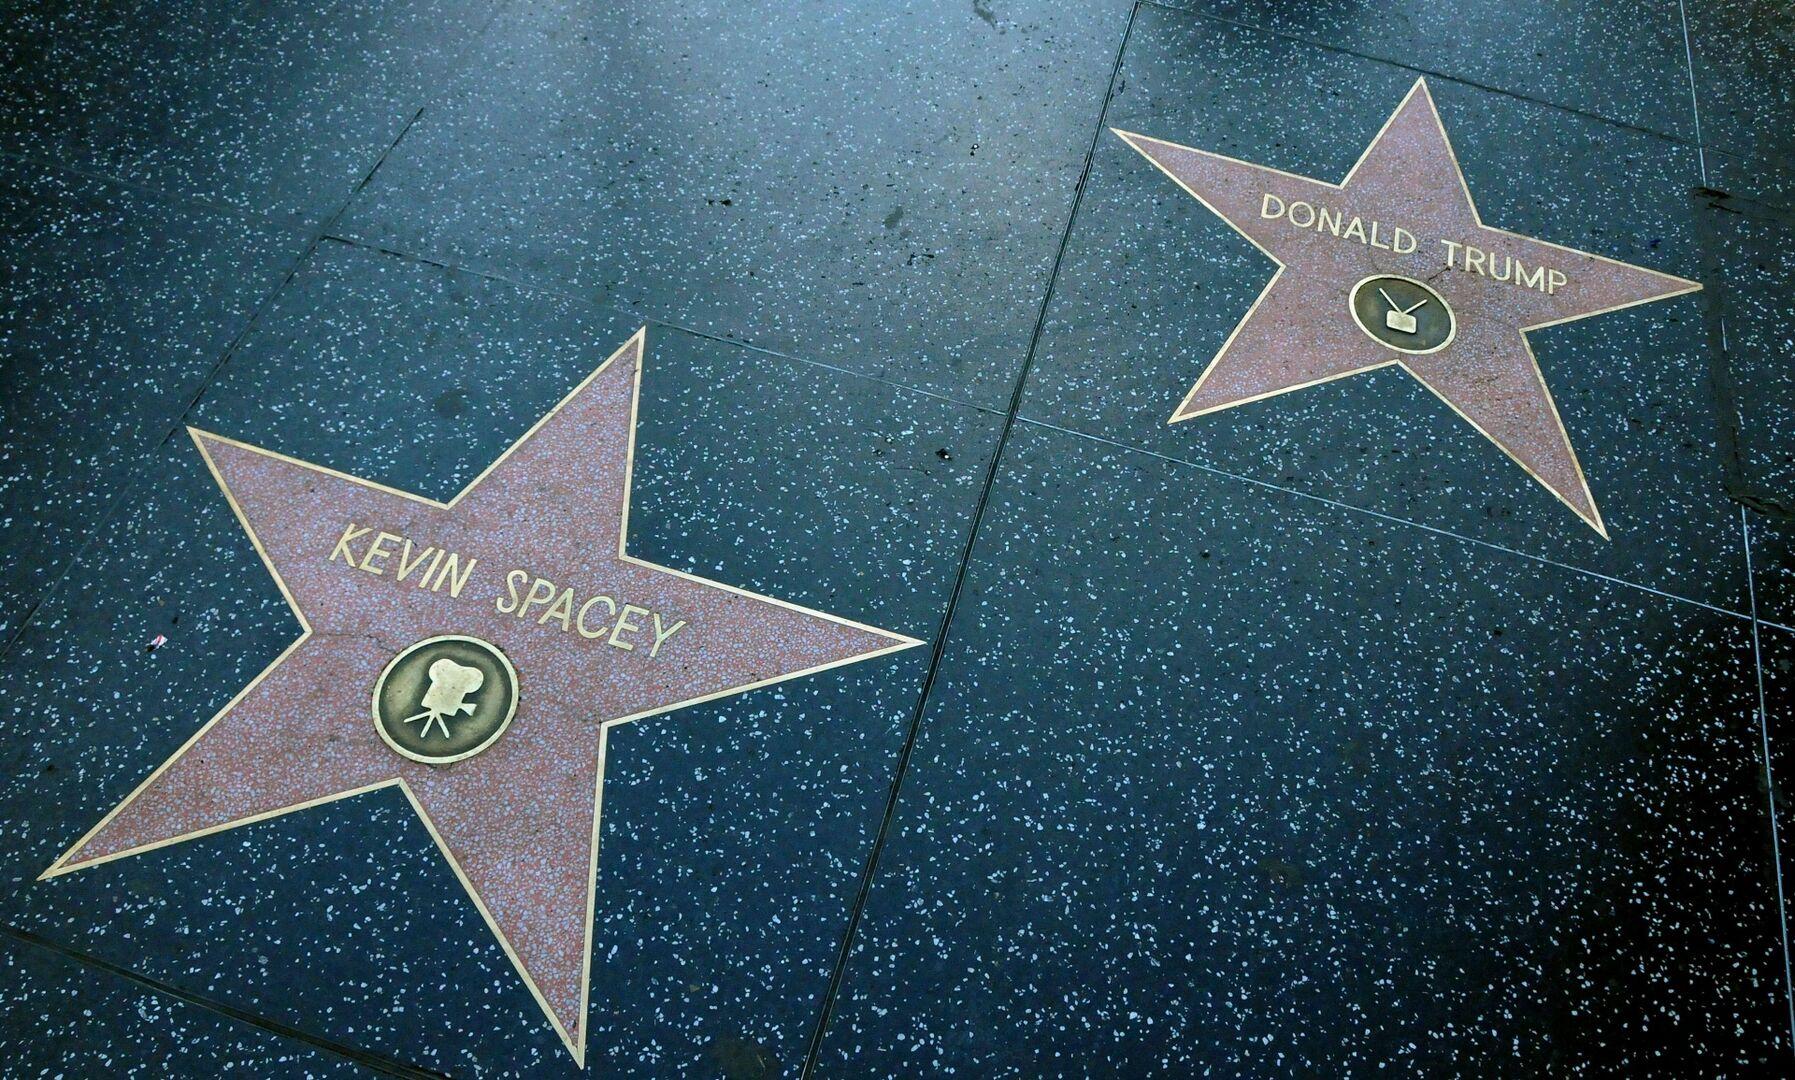 Actrices De Hollywood Que Se Parecen A Estrellas Porno hollywood quiere quitar la estrella de donald trump del